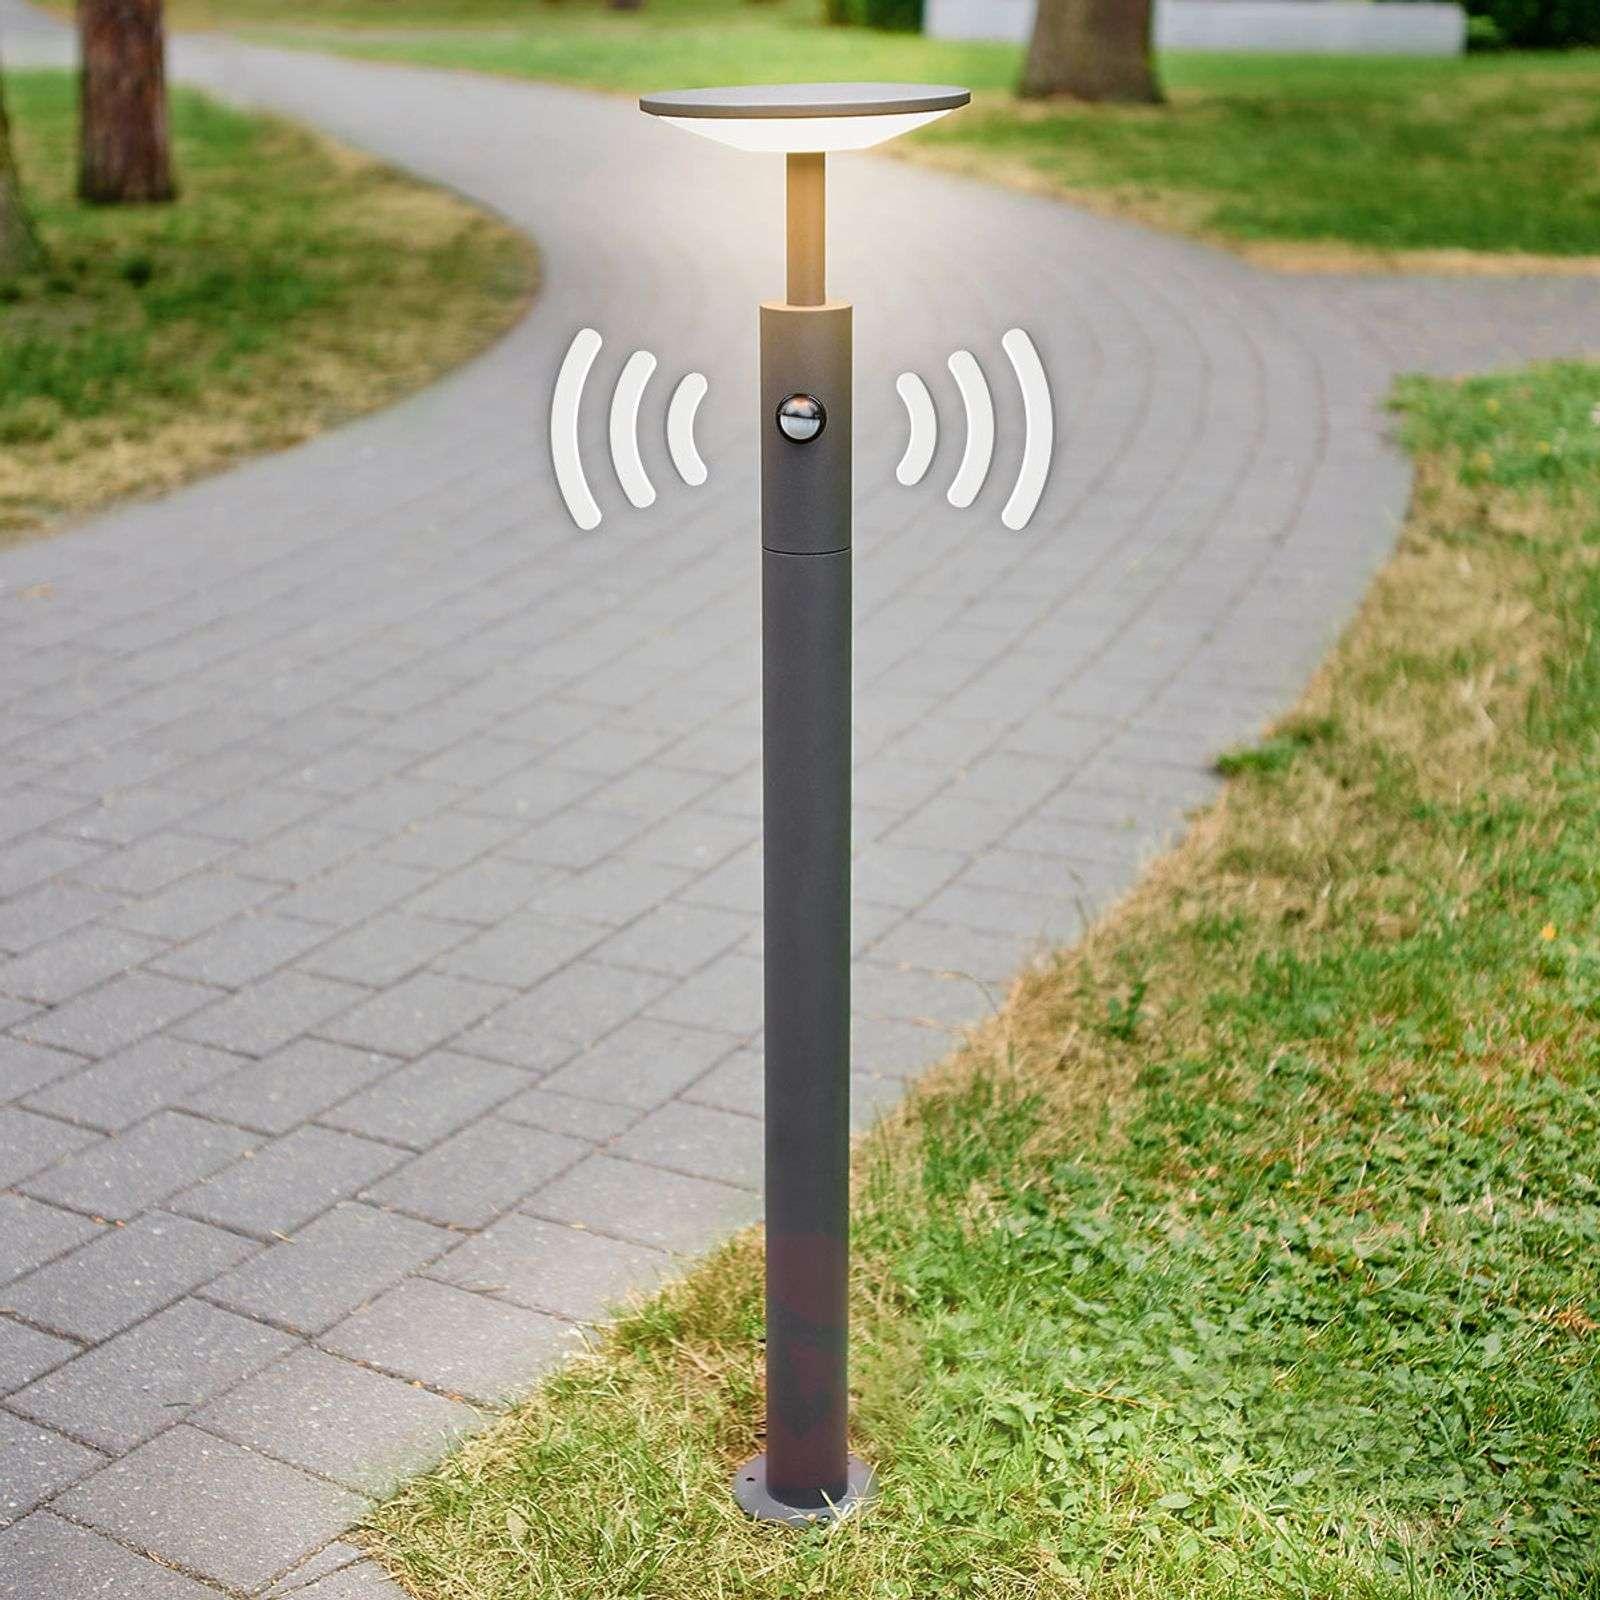 LED-pylväsvalaisin Fenia liiketunnistimella-9619135-020